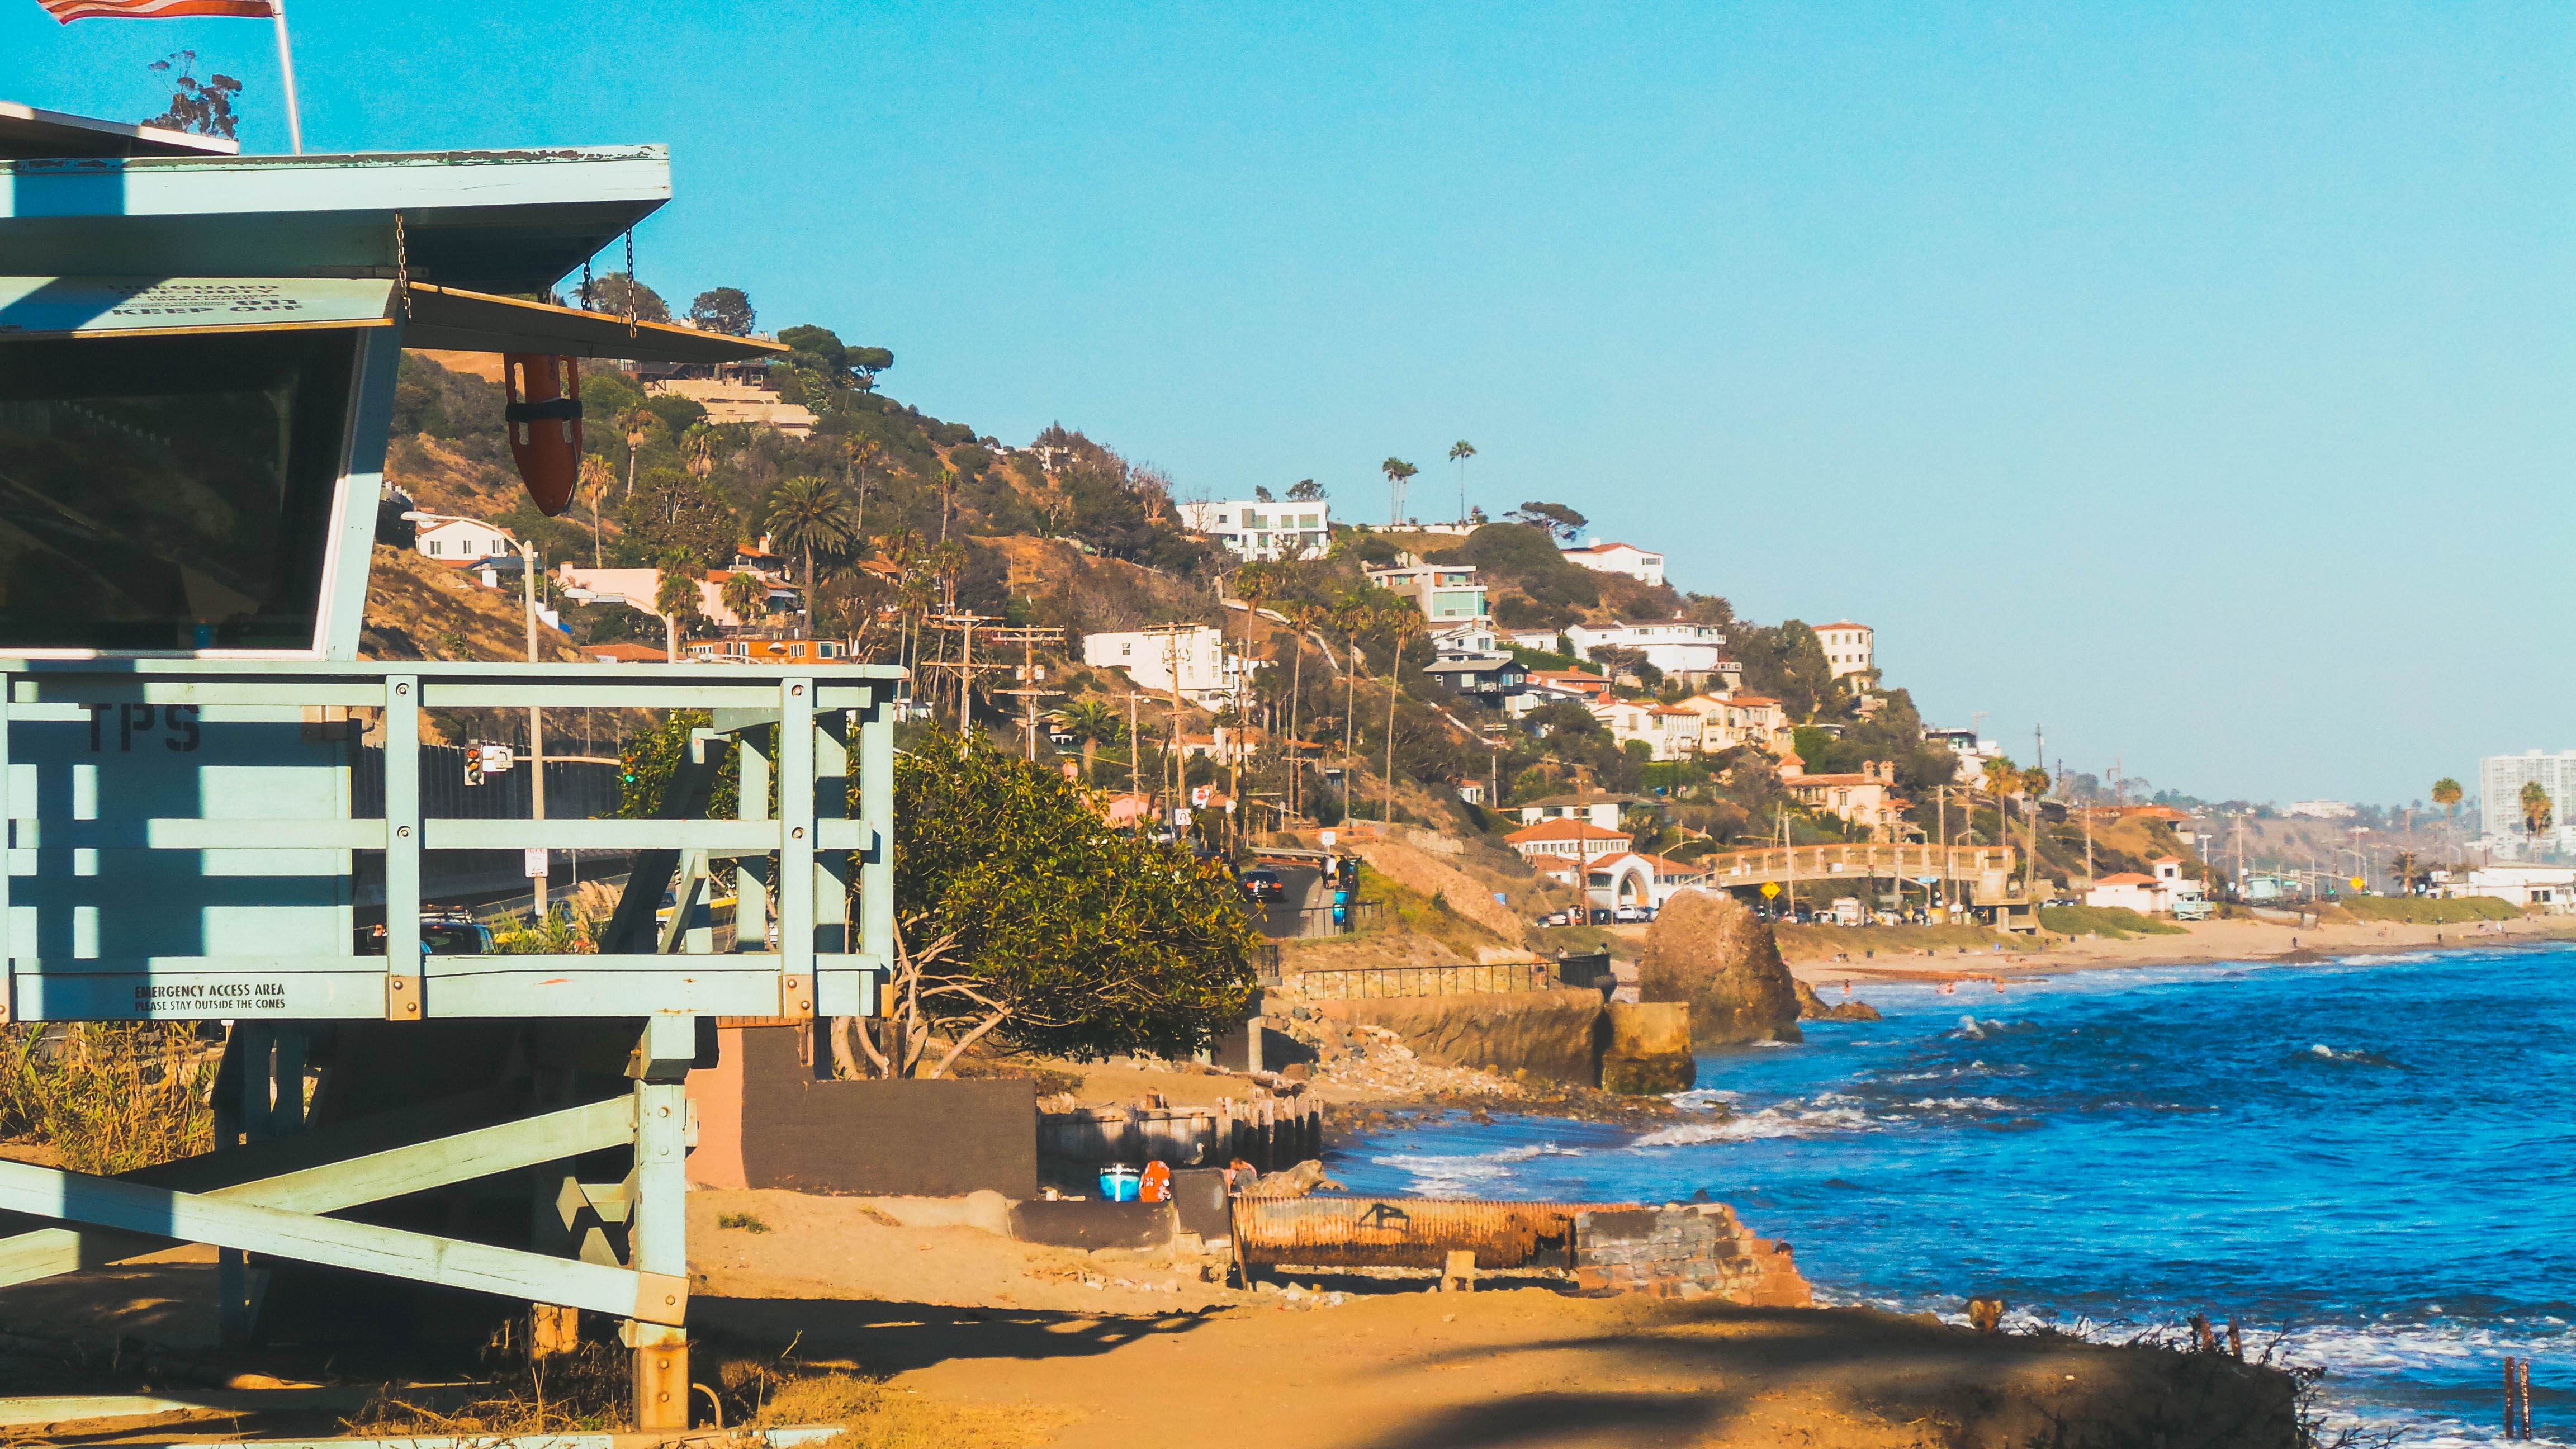 Santa Monica day trips